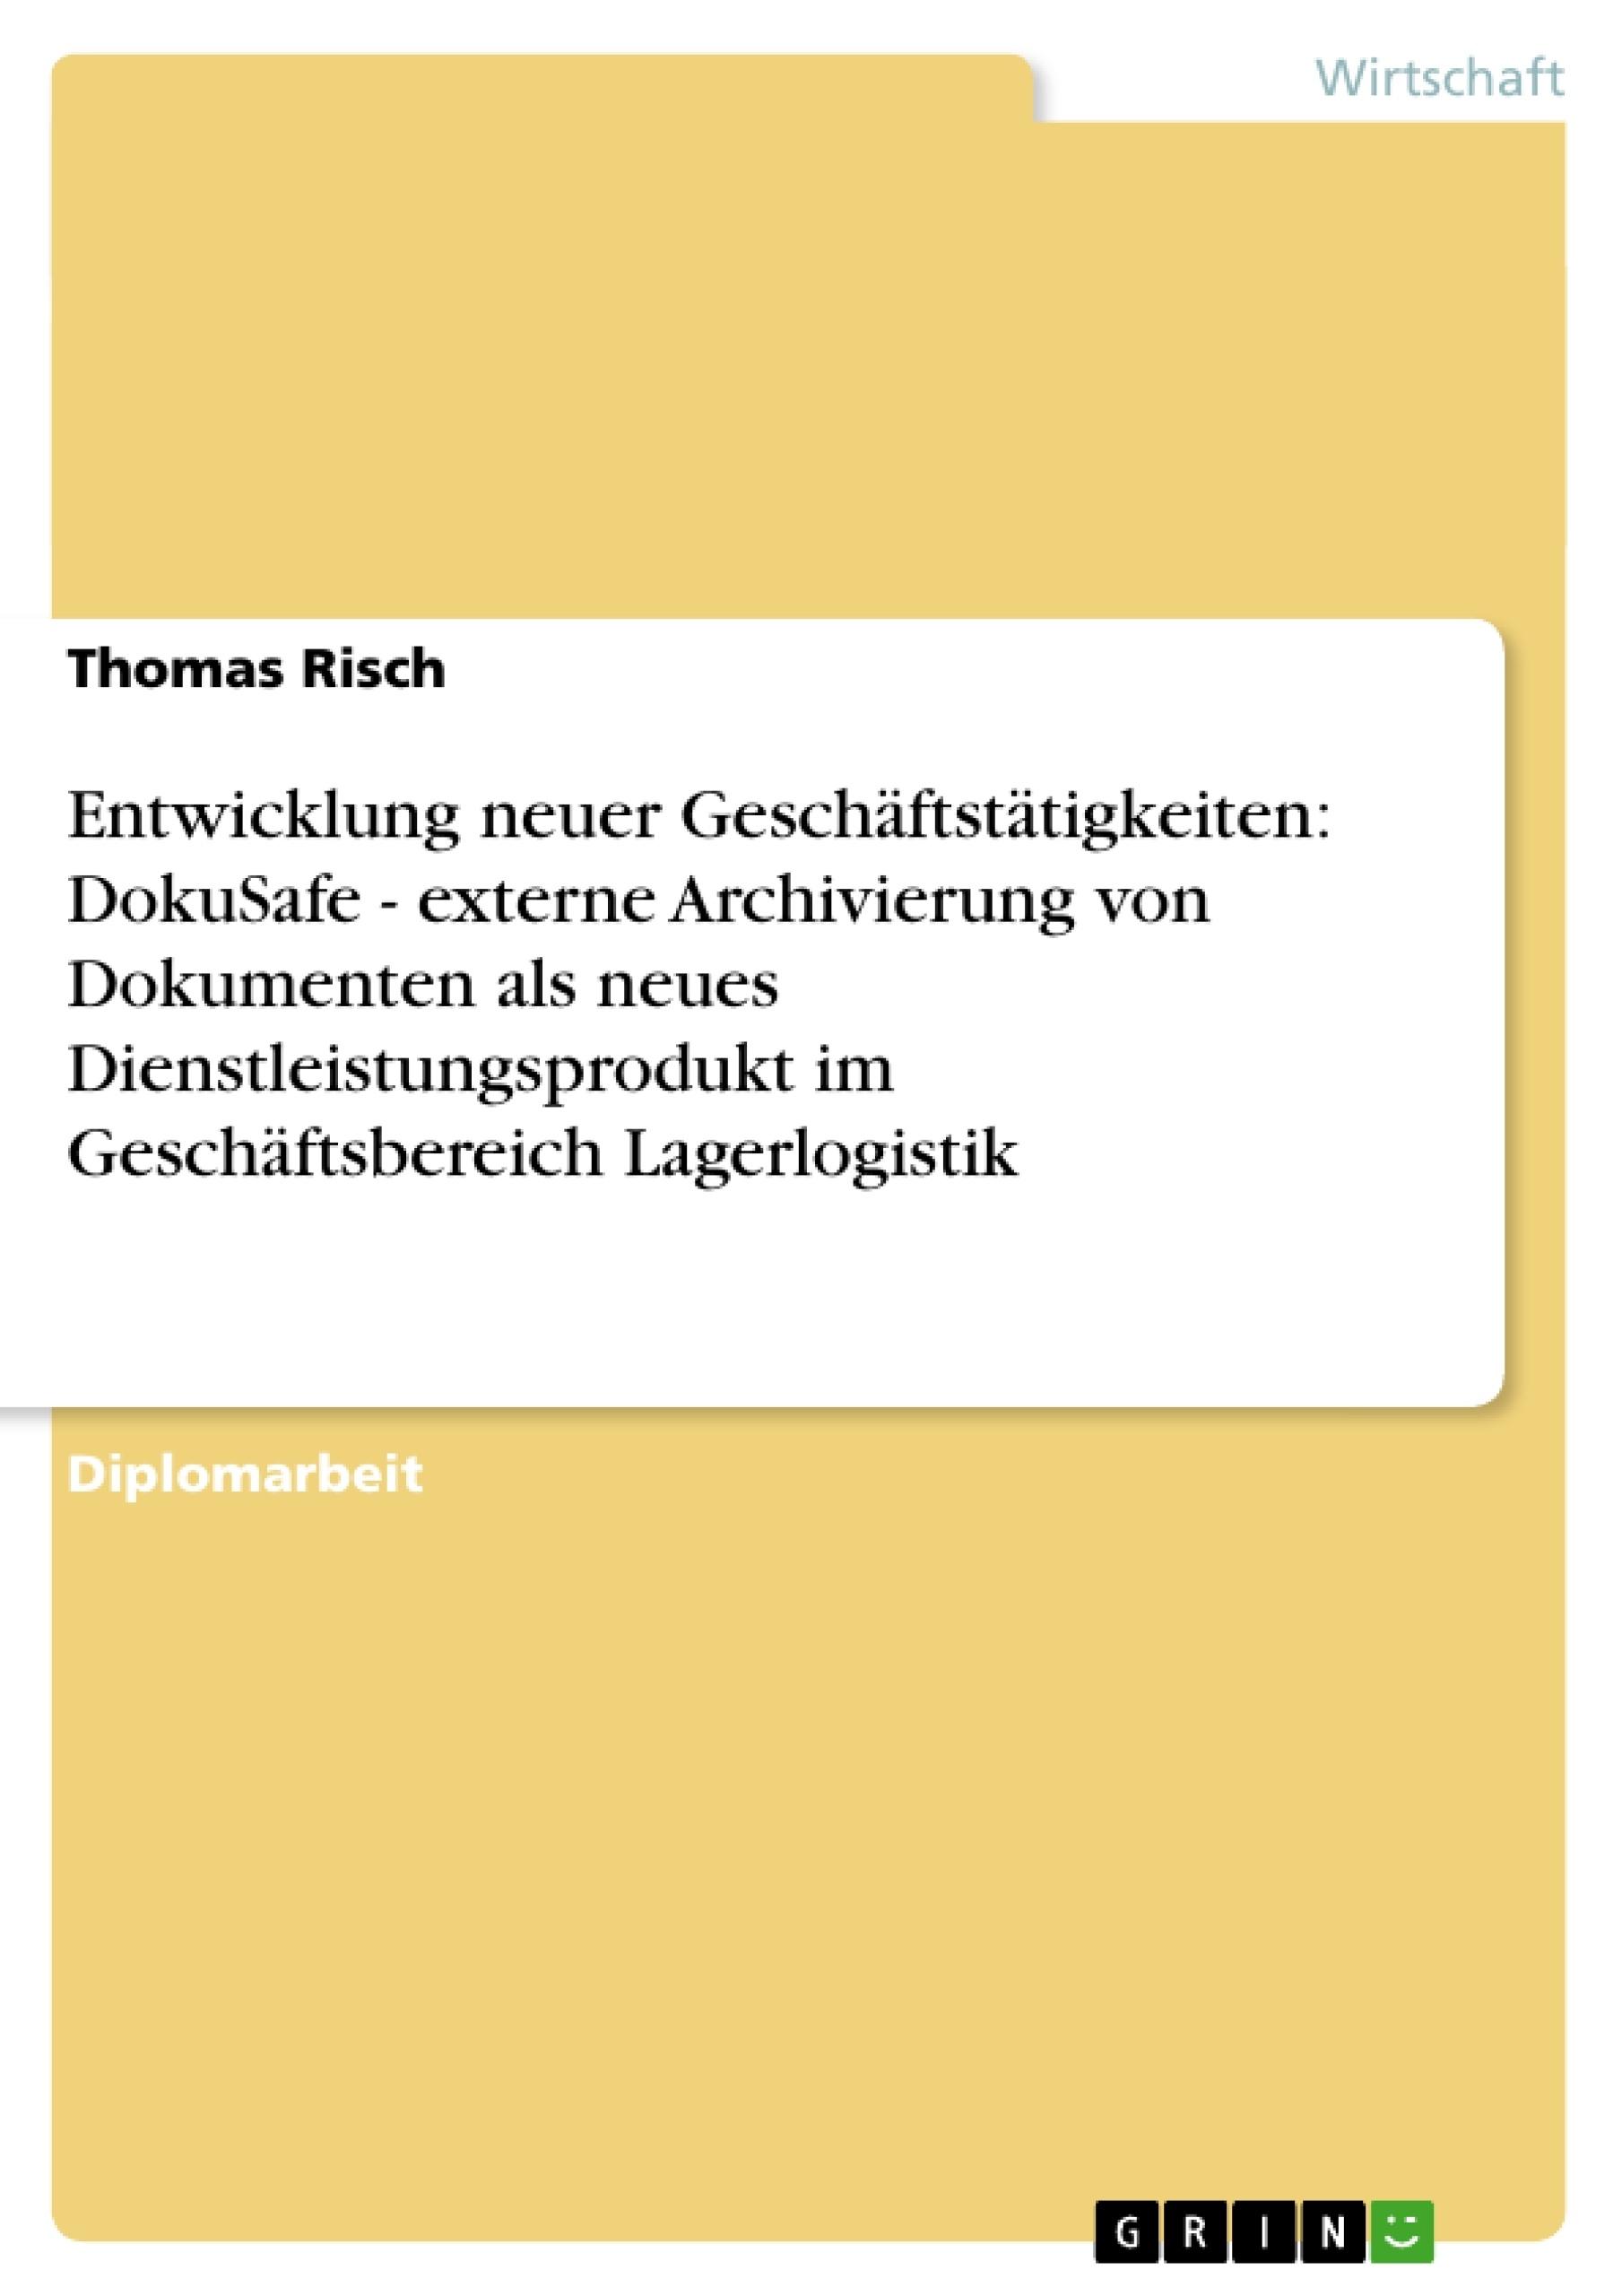 Titel: Entwicklung neuer Geschäftstätigkeiten: DokuSafe - externe Archivierung von Dokumenten als neues Dienstleistungsprodukt im Geschäftsbereich Lagerlogistik